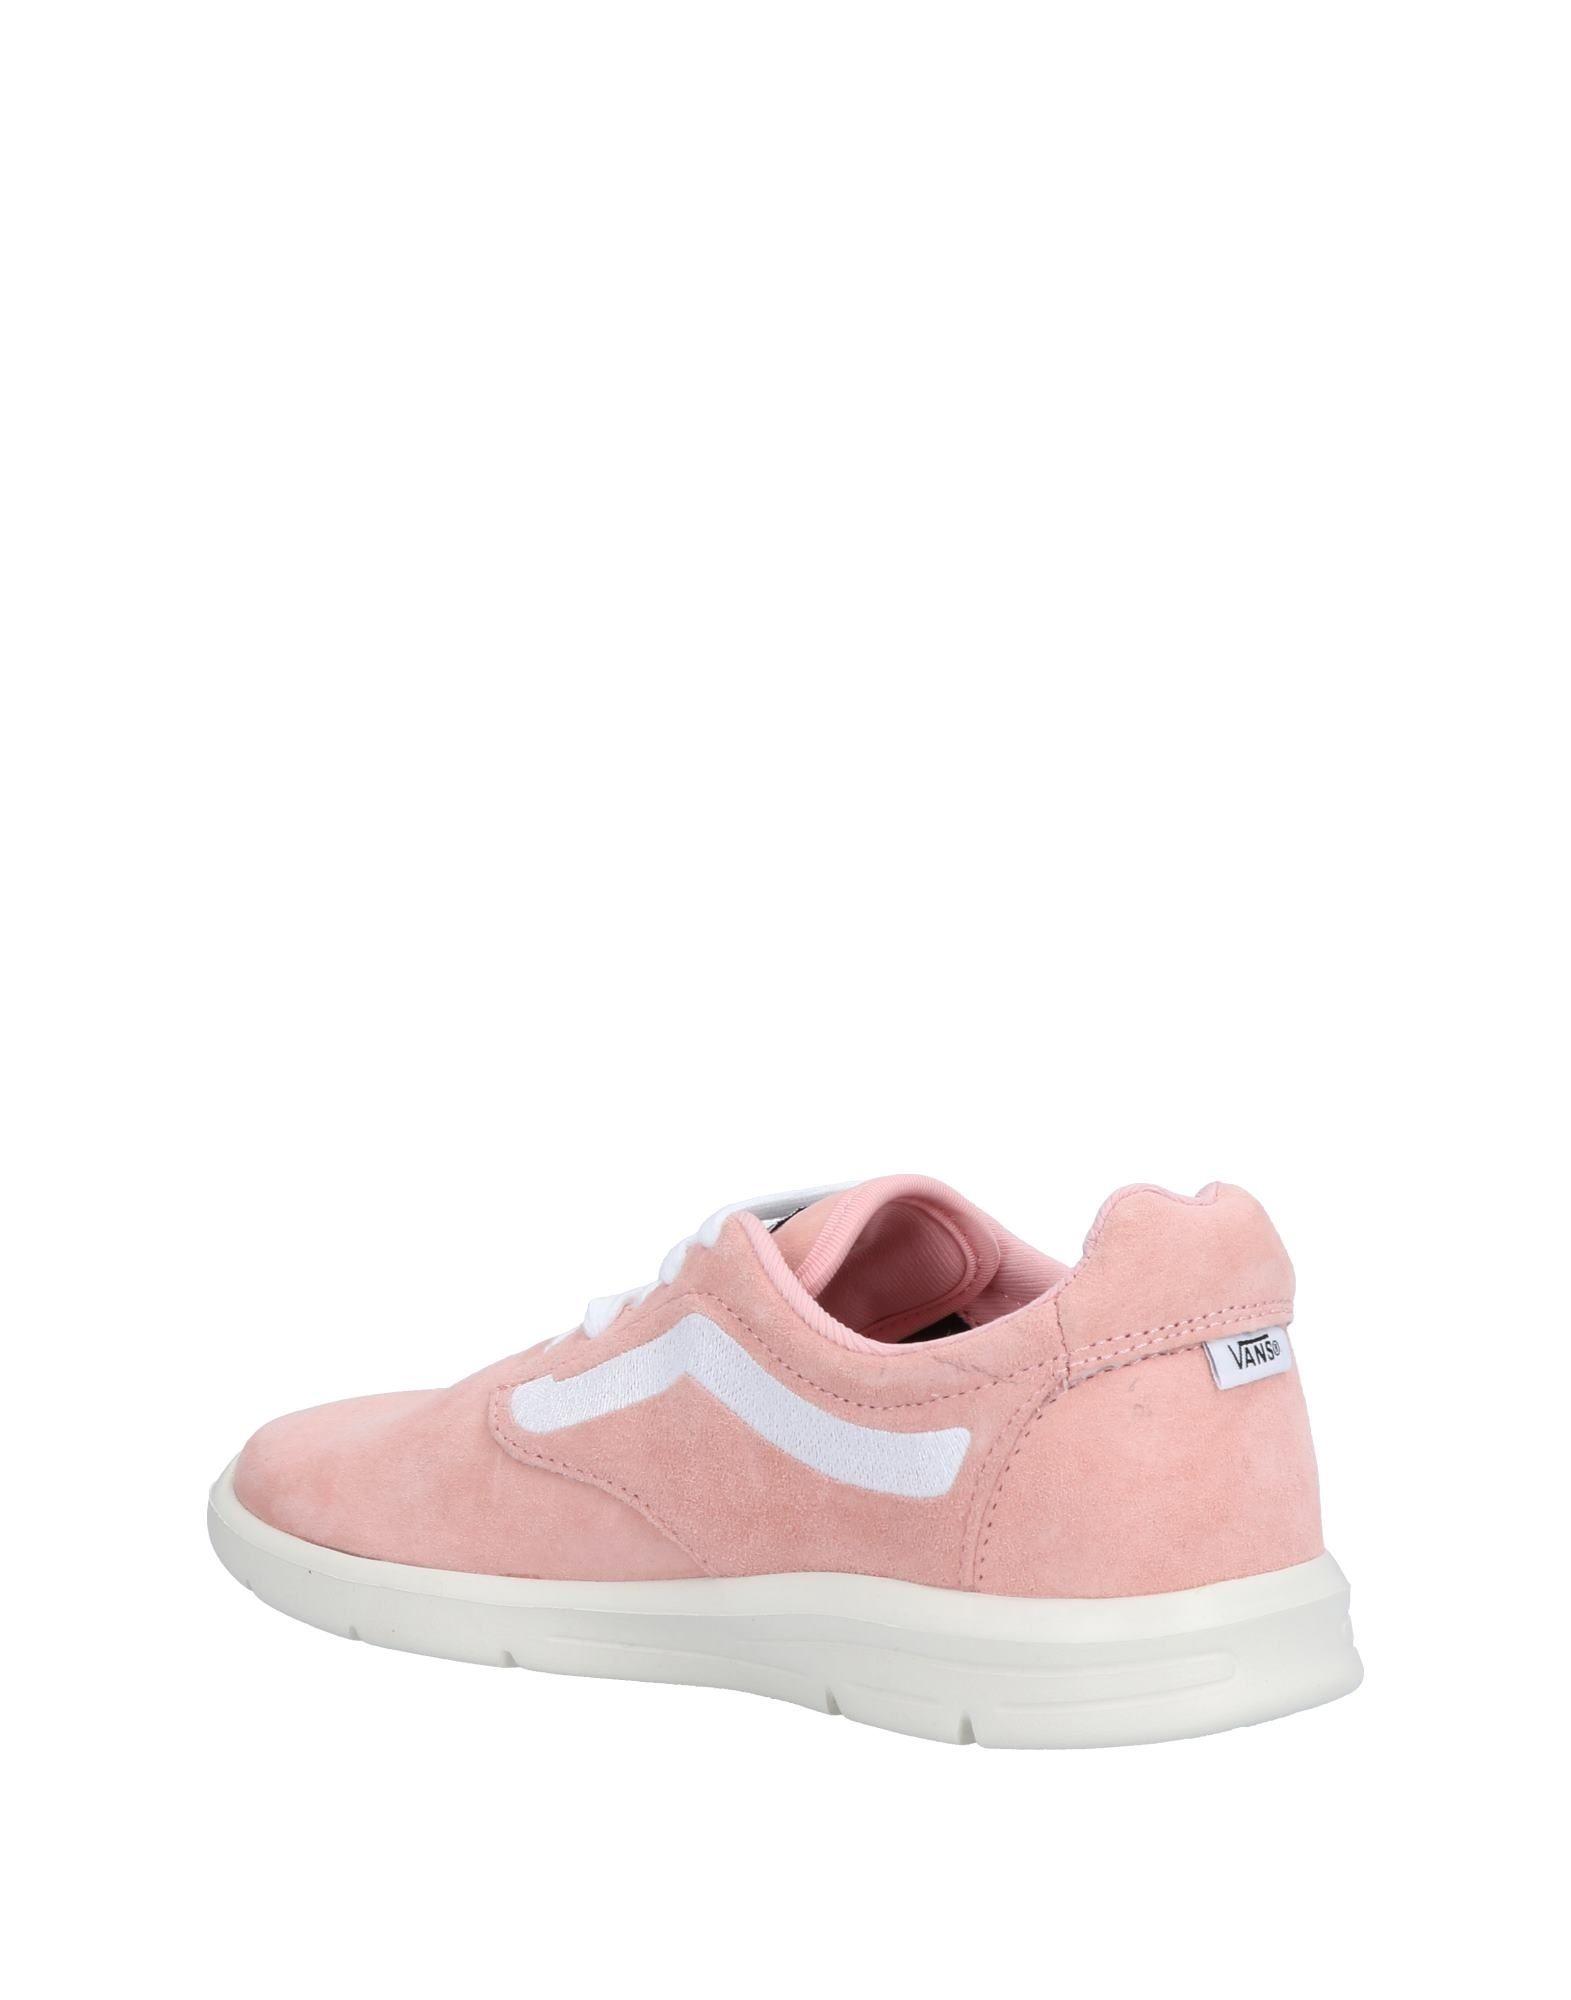 Vans Sneakers Damen Damen Sneakers  11494938JS  d1145d